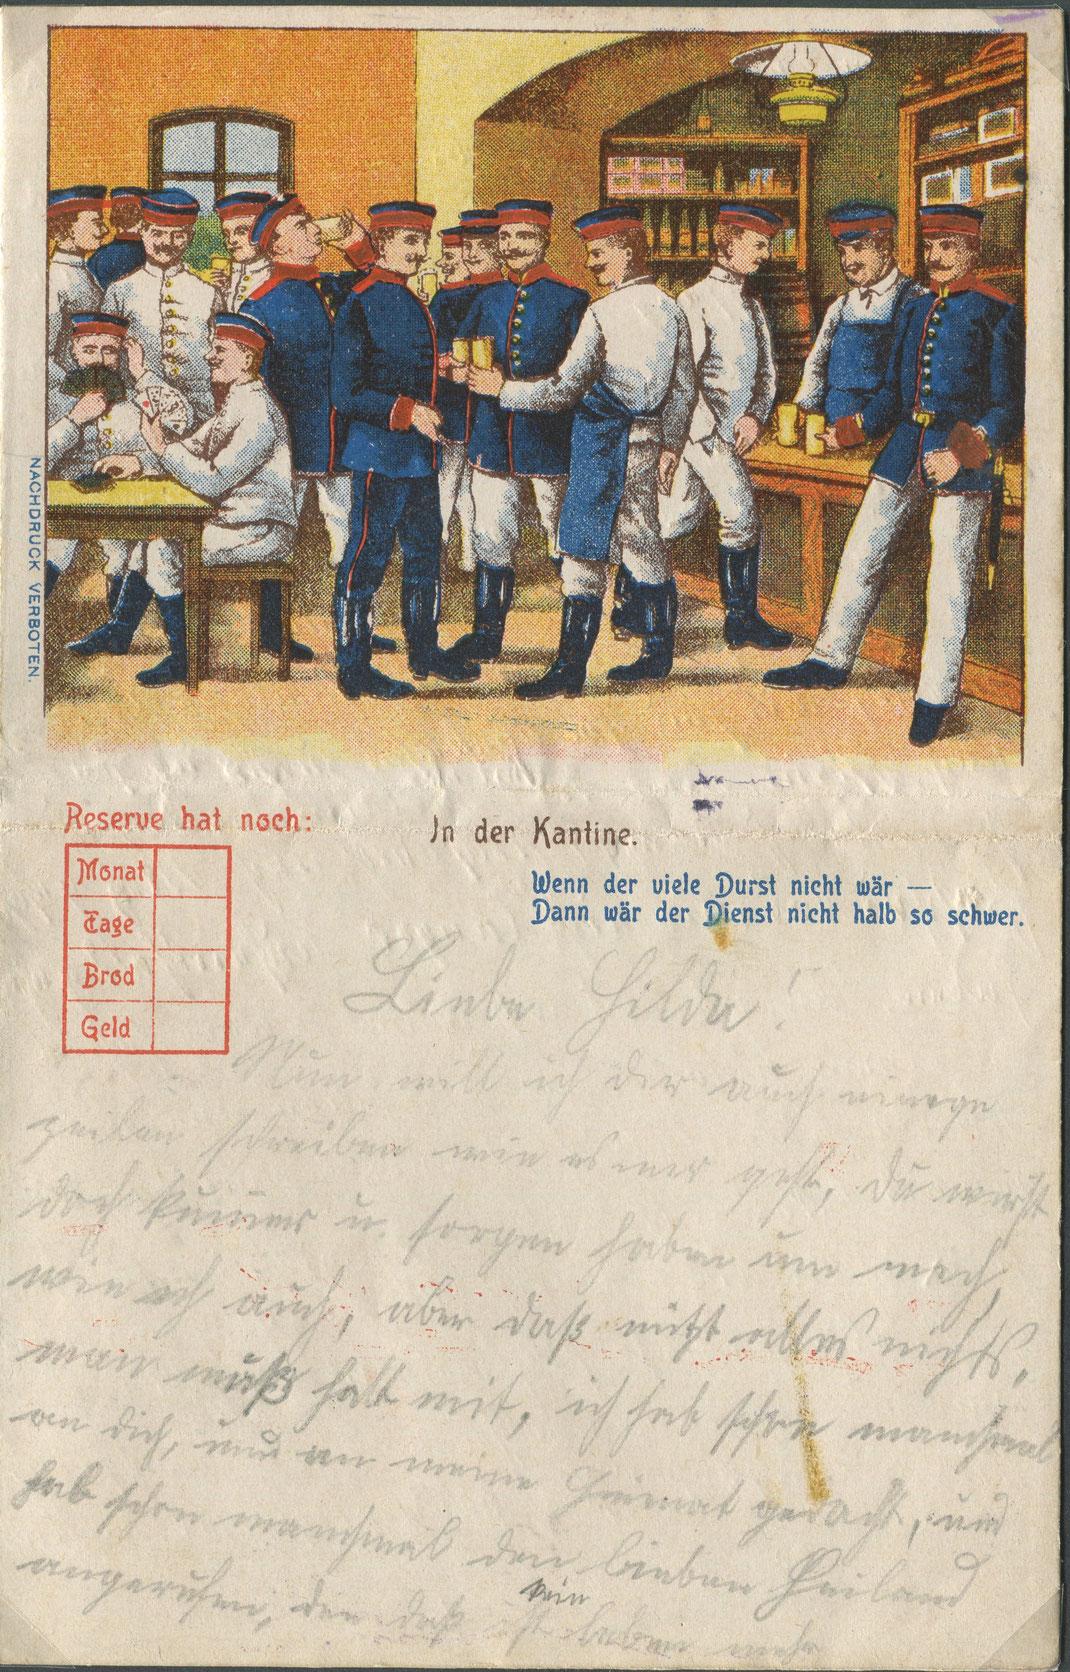 Briefkarte aus dem Ersten Weltkrieg (Bild: Archiv Oehler)